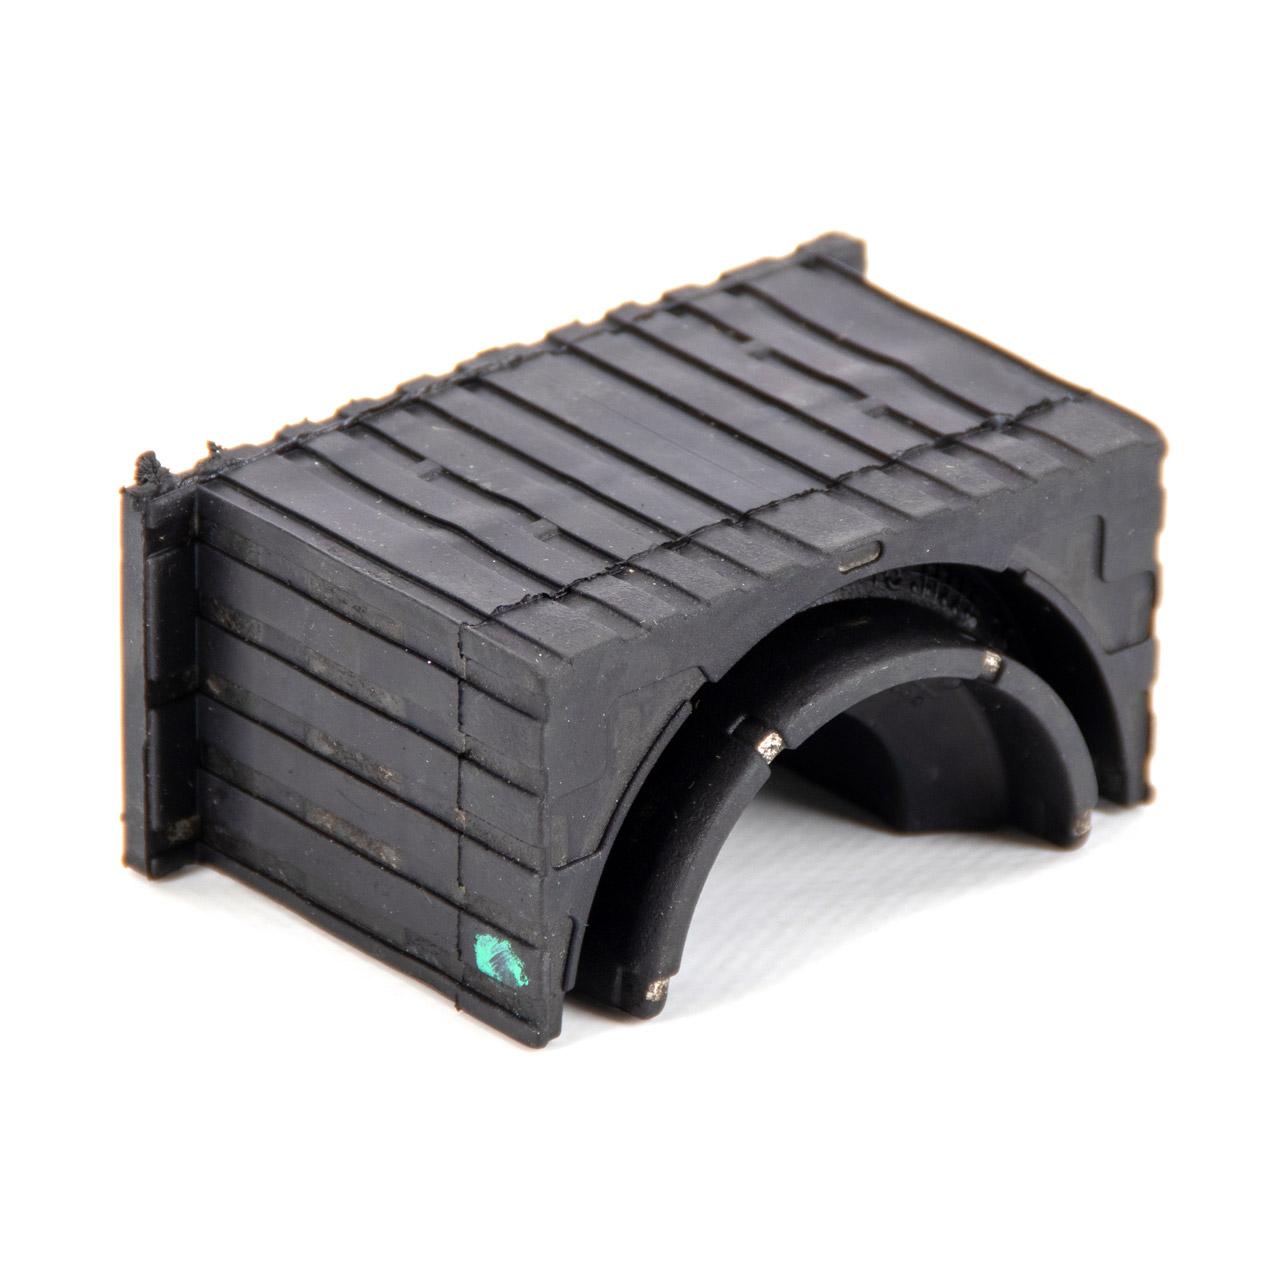 Gummilager Stabilisatorlager PORSCHE Panamera 970 mit Luftfederung vorne unten 97034379307